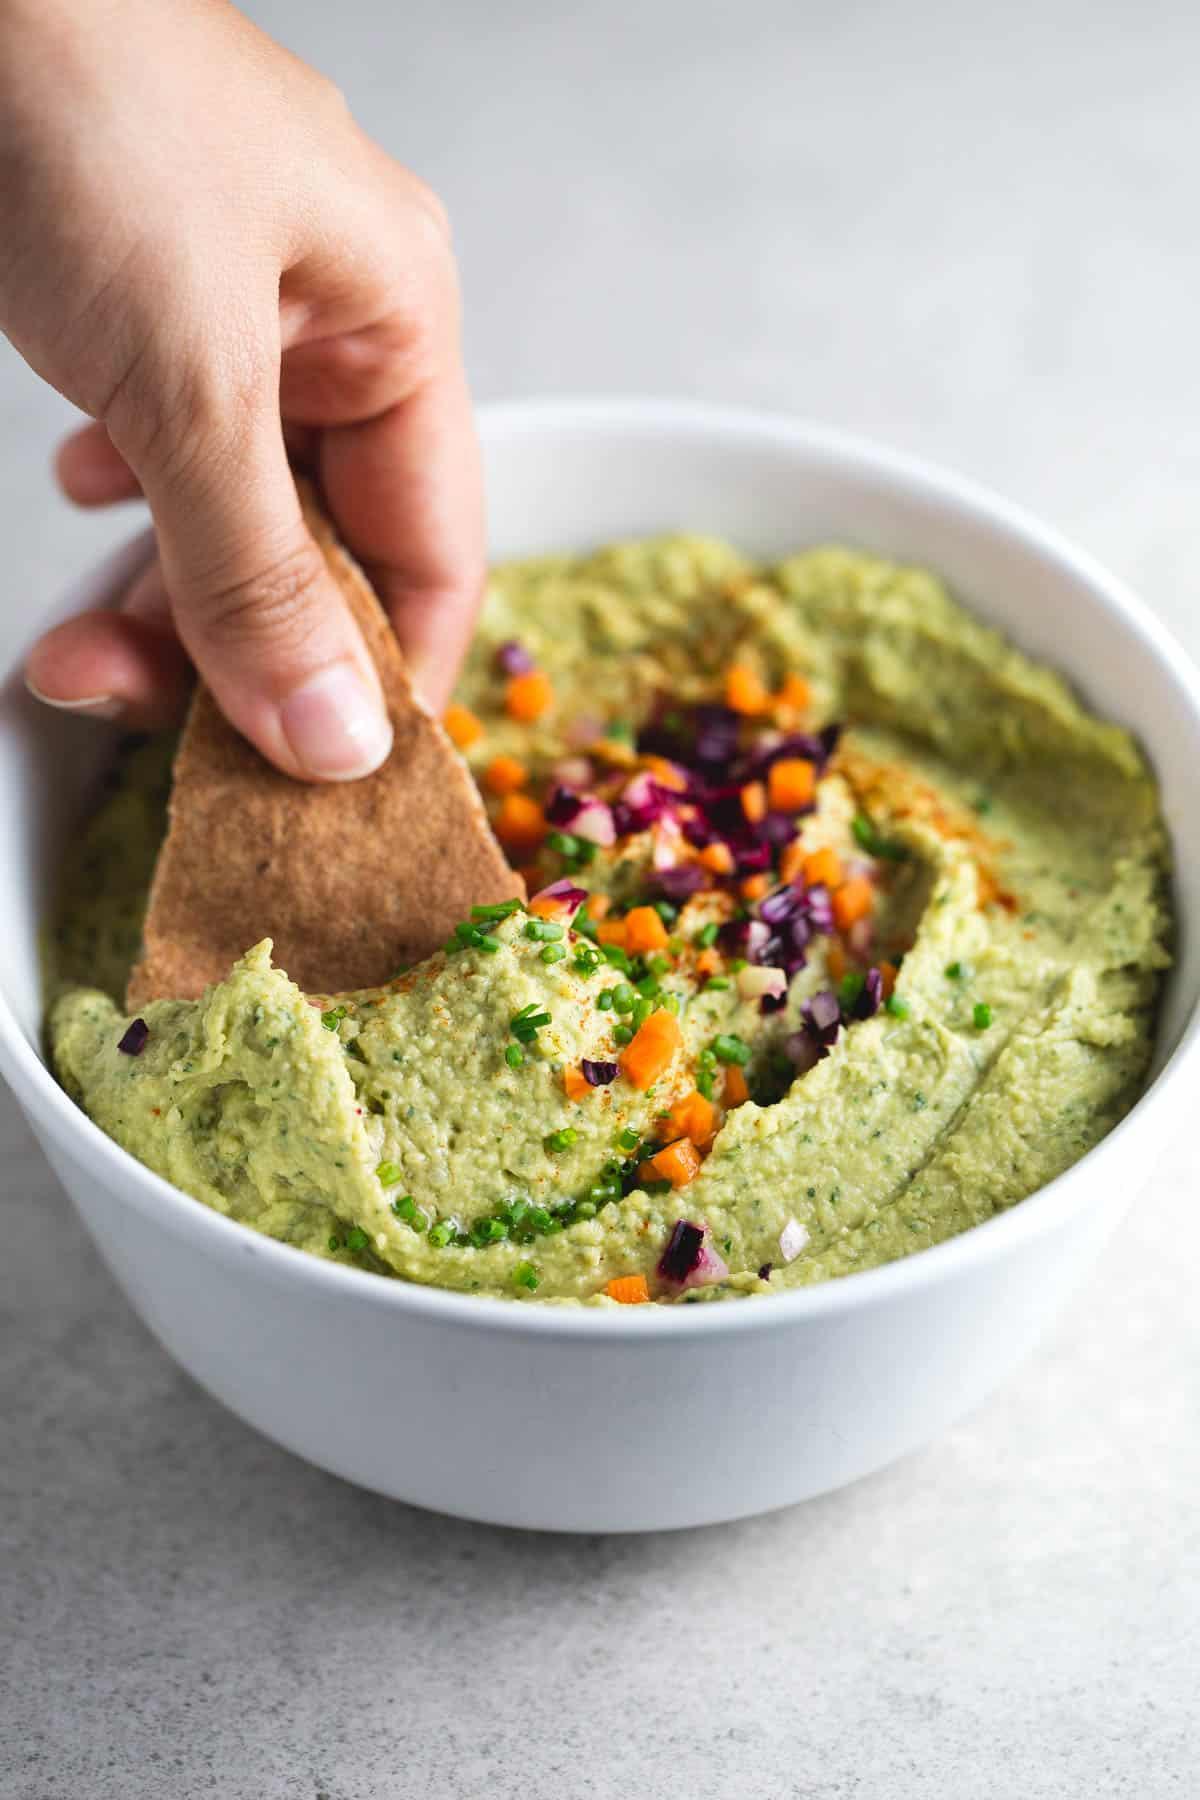 Hummus de pesto vegano - Este hummus de pesto vegano es un entrante que siempre triunfa. Es una receta muy rica y sencilla. También es perfecto para bocadillos y sándwiches.